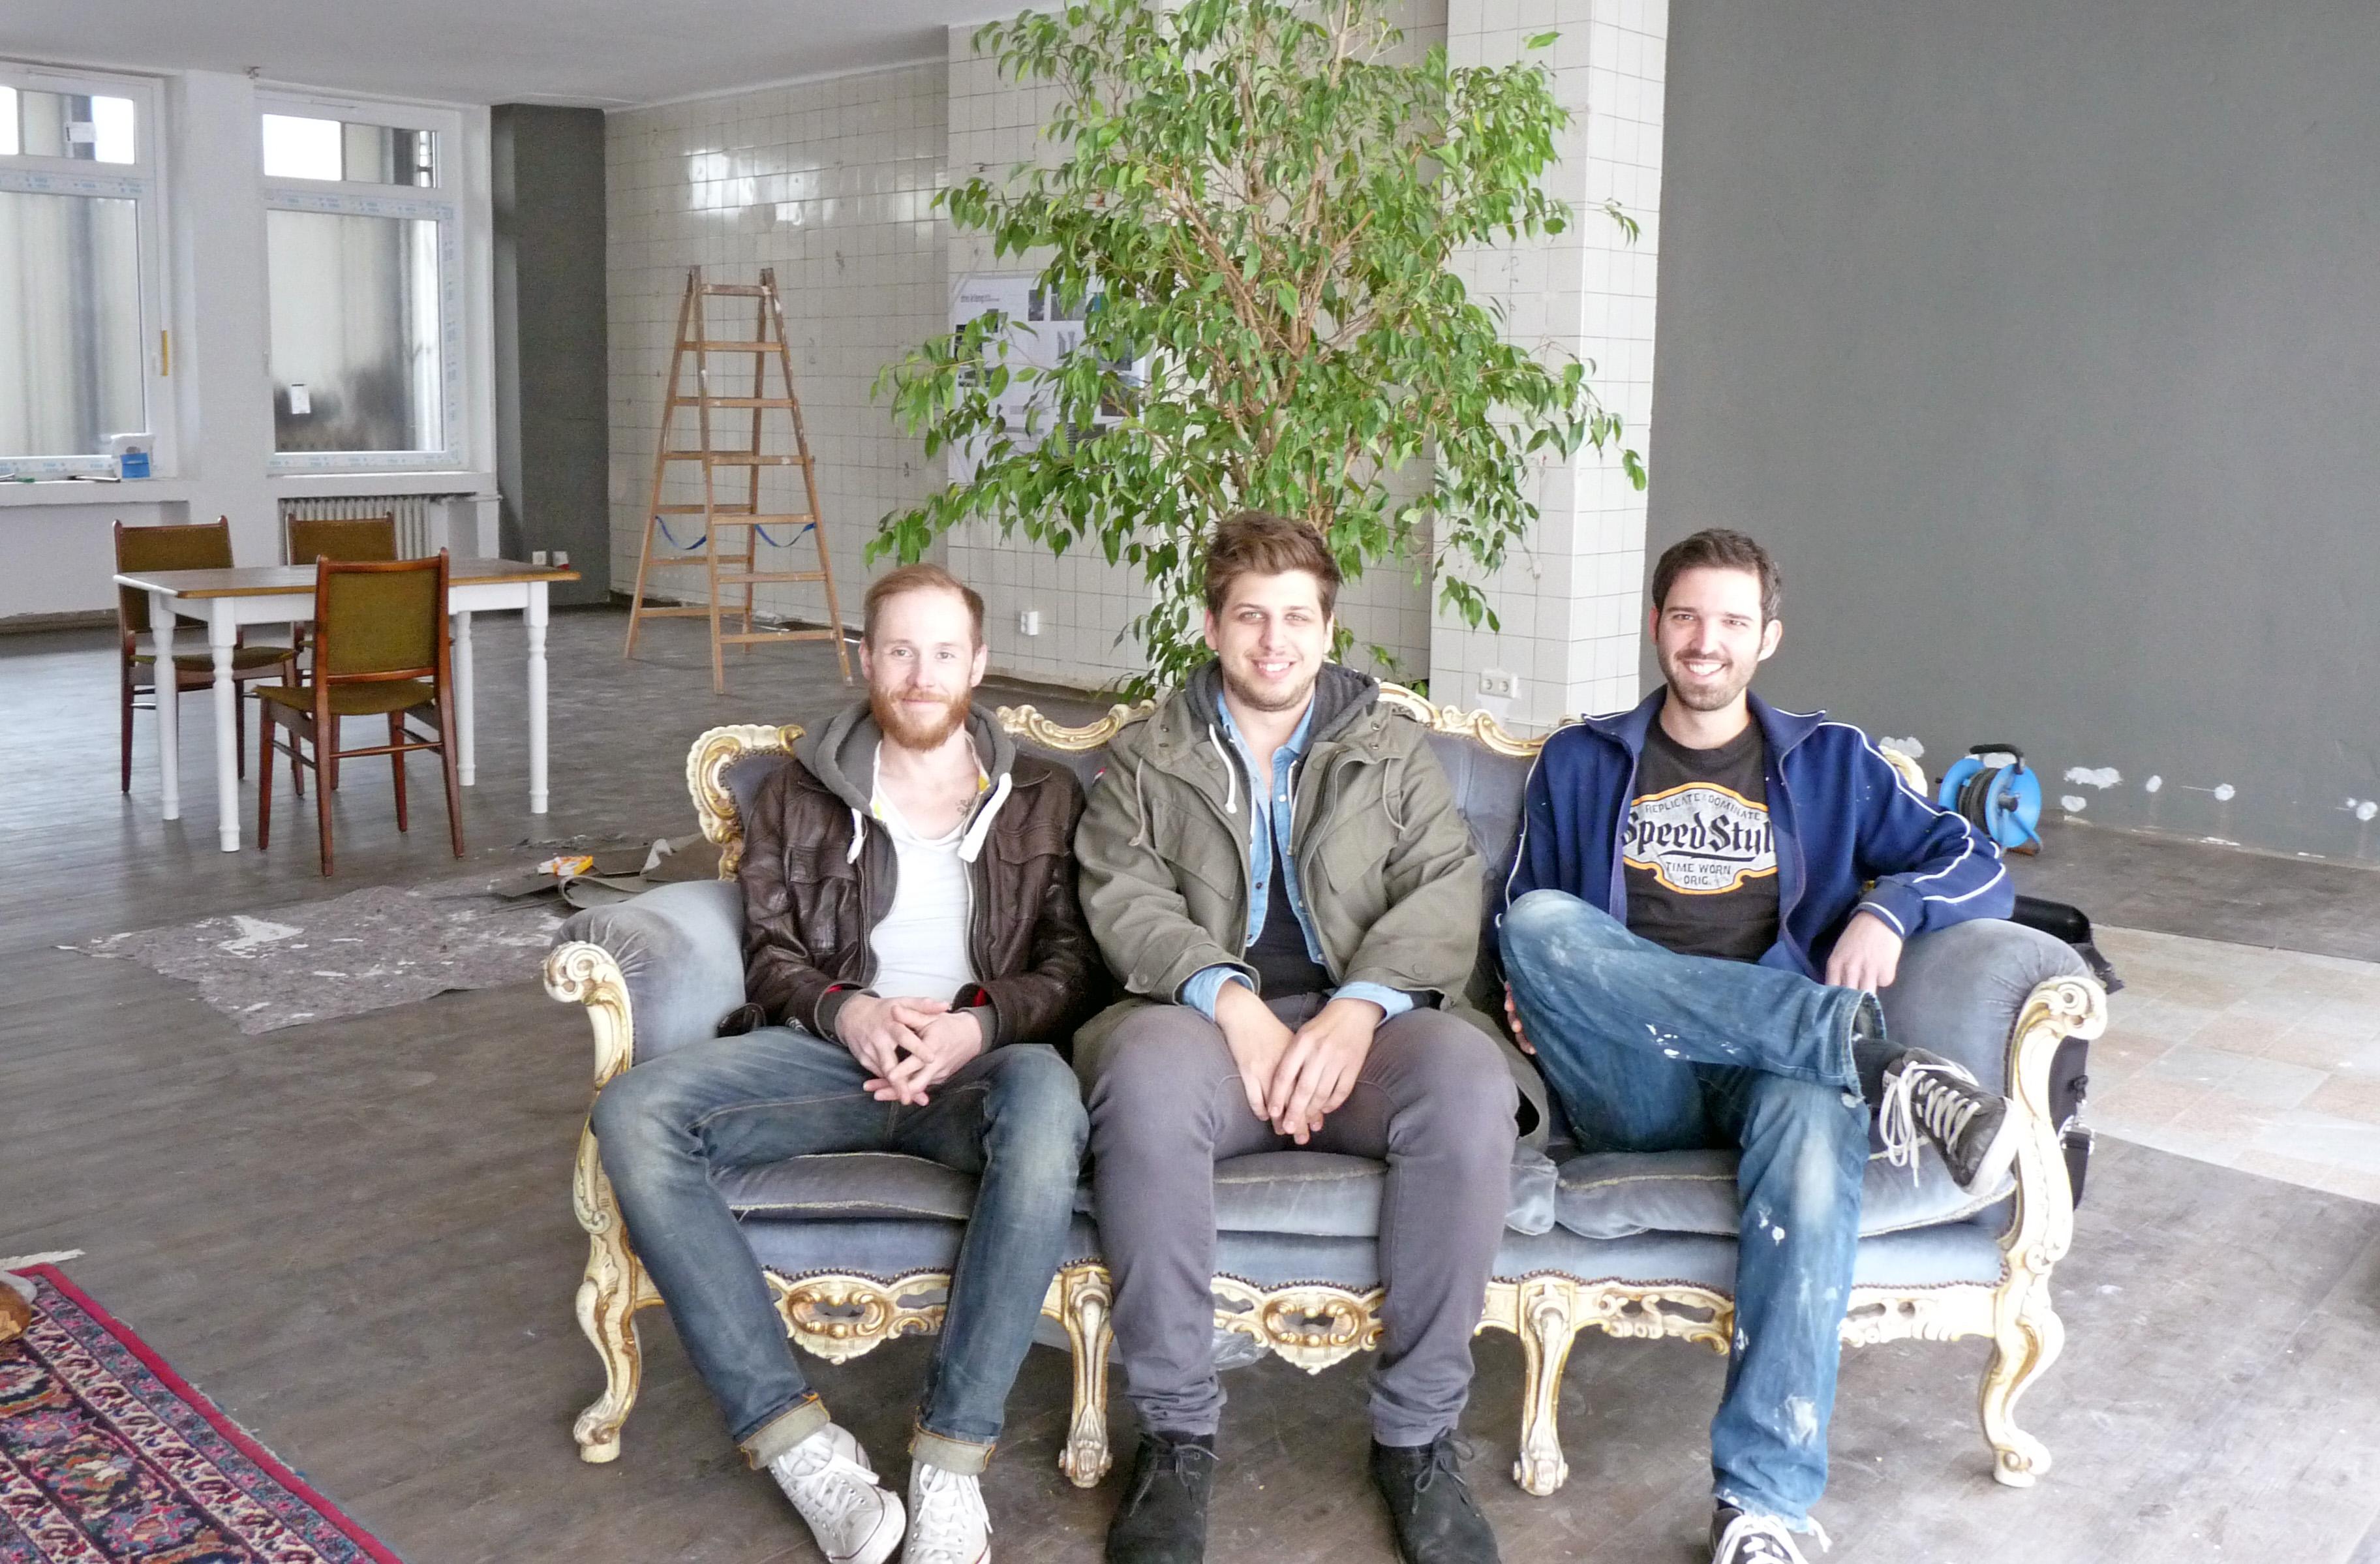 (V.l.): Die Existenzgründer Daniel Schlemermeyer, Fabio Balderi und Stefan Oelrich vor ein paar Wochen in dem noch zu renovierenden Café. (Foto: FH Münster/Pressestelle)